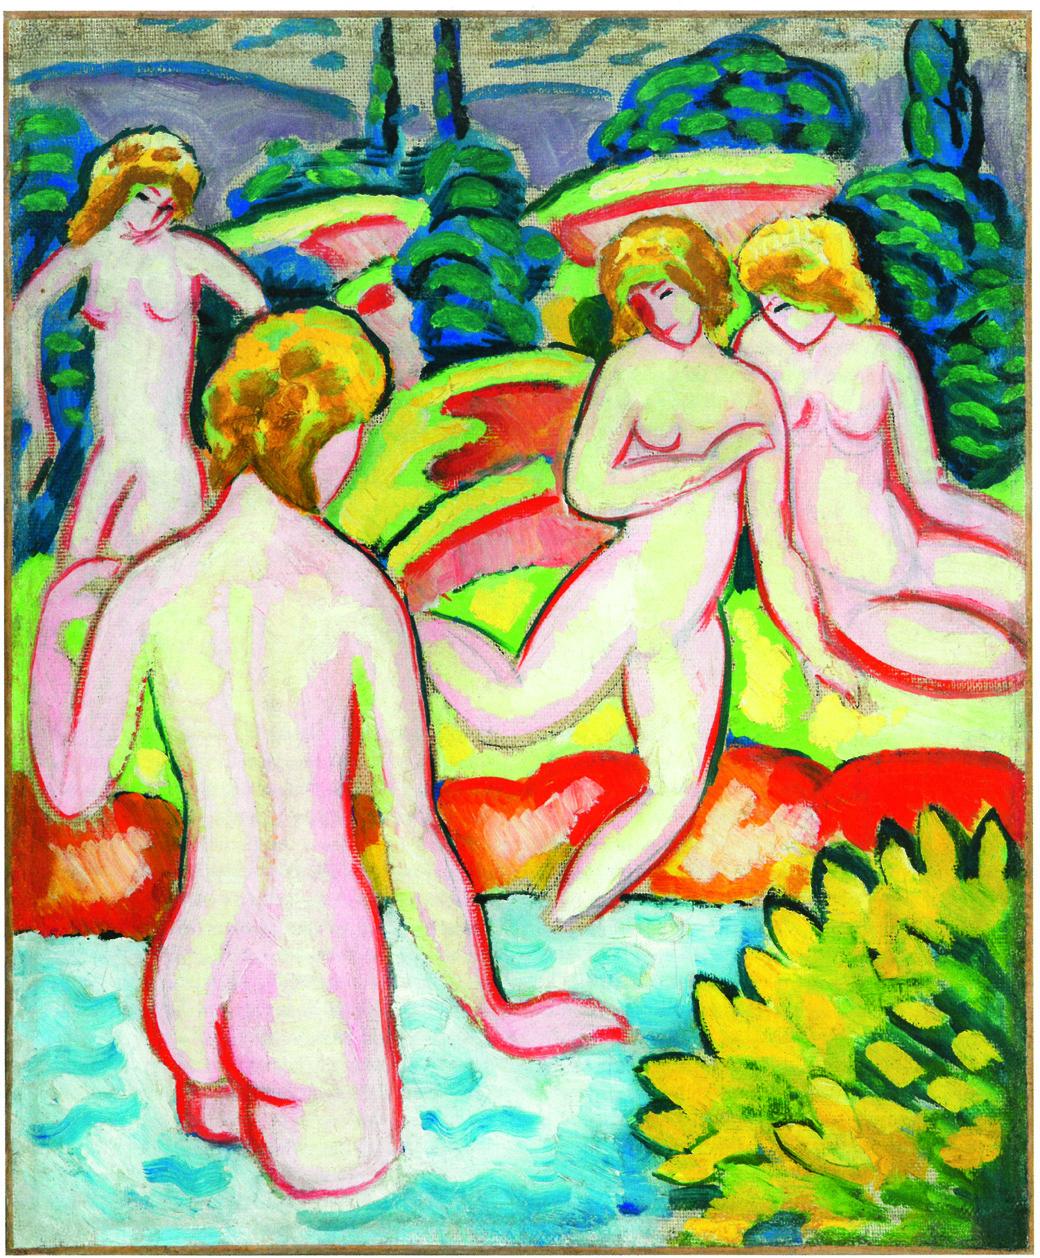 August Macke, Badende mit Lebensbäumen, 1910, Sammlung Braglia